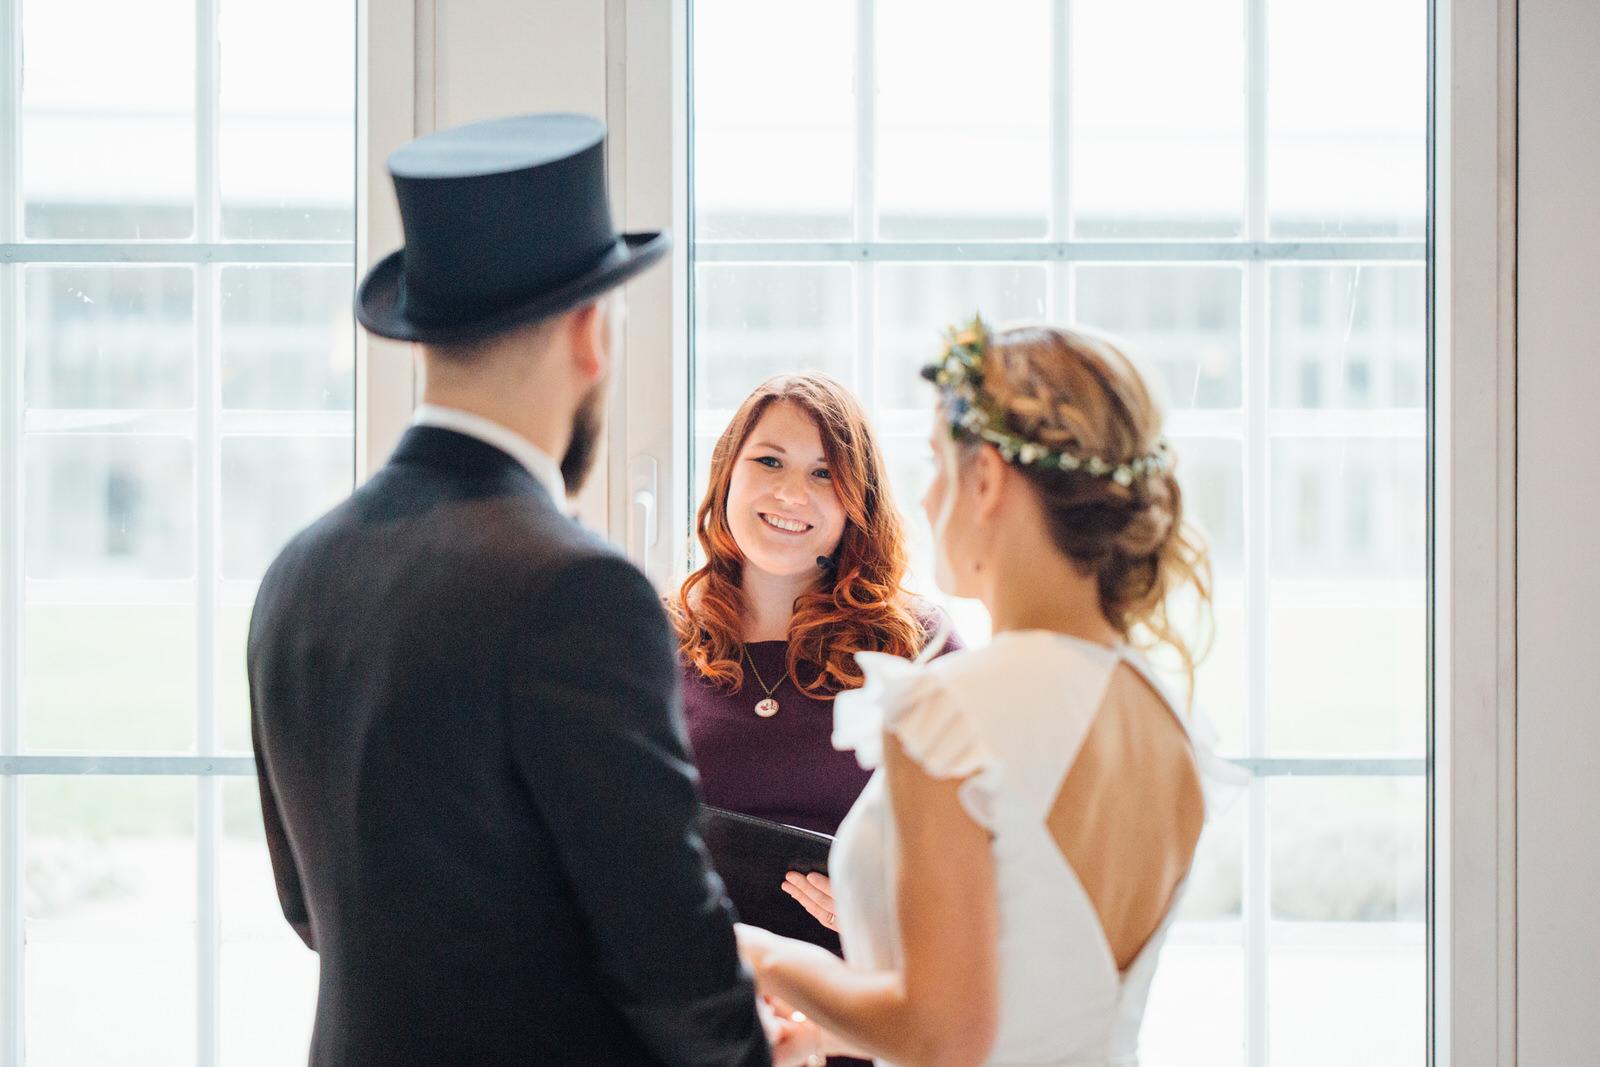 Hochzeitsfotograf_Rödental_Alte_Mühle_Alte_Orangerie_Schloss_Rosenau_100227236.JPG